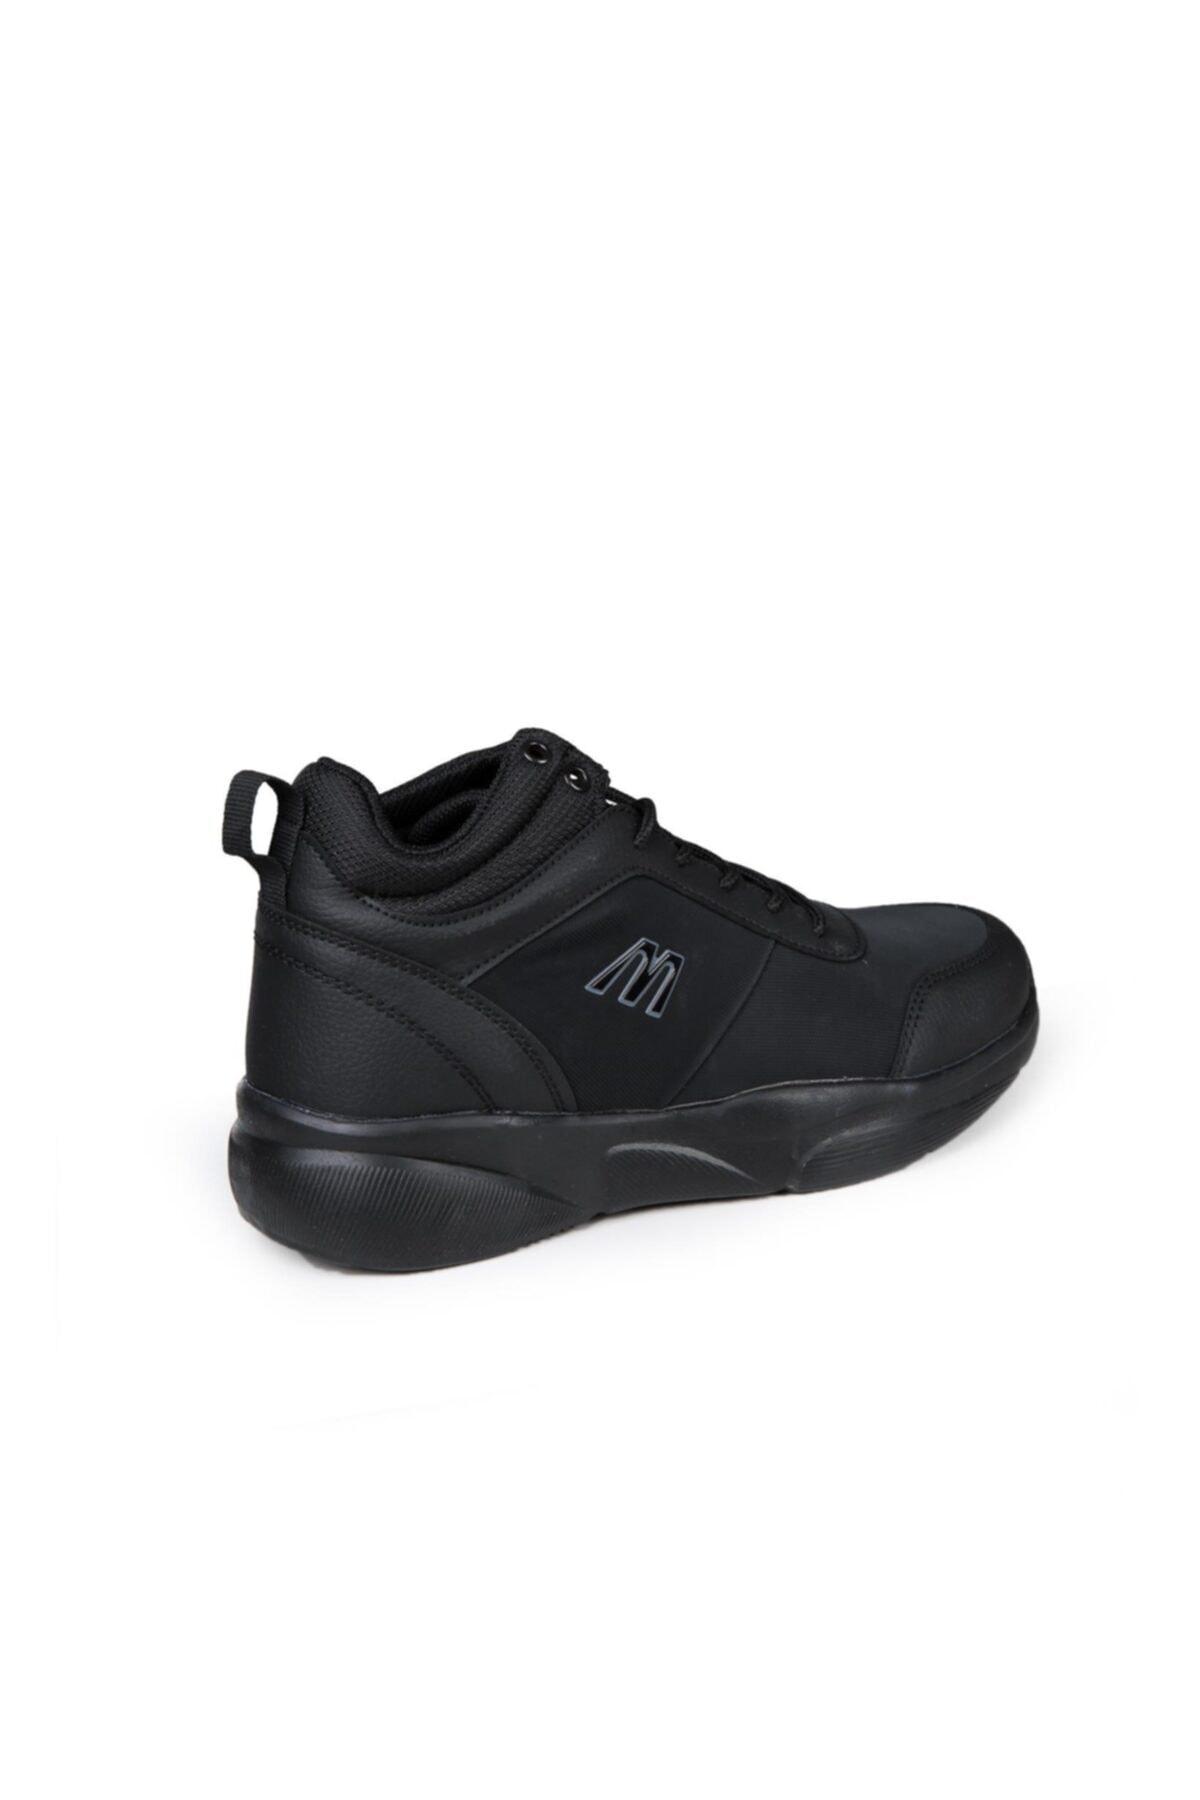 MP Kadın Siyah Spor Ayakkabı